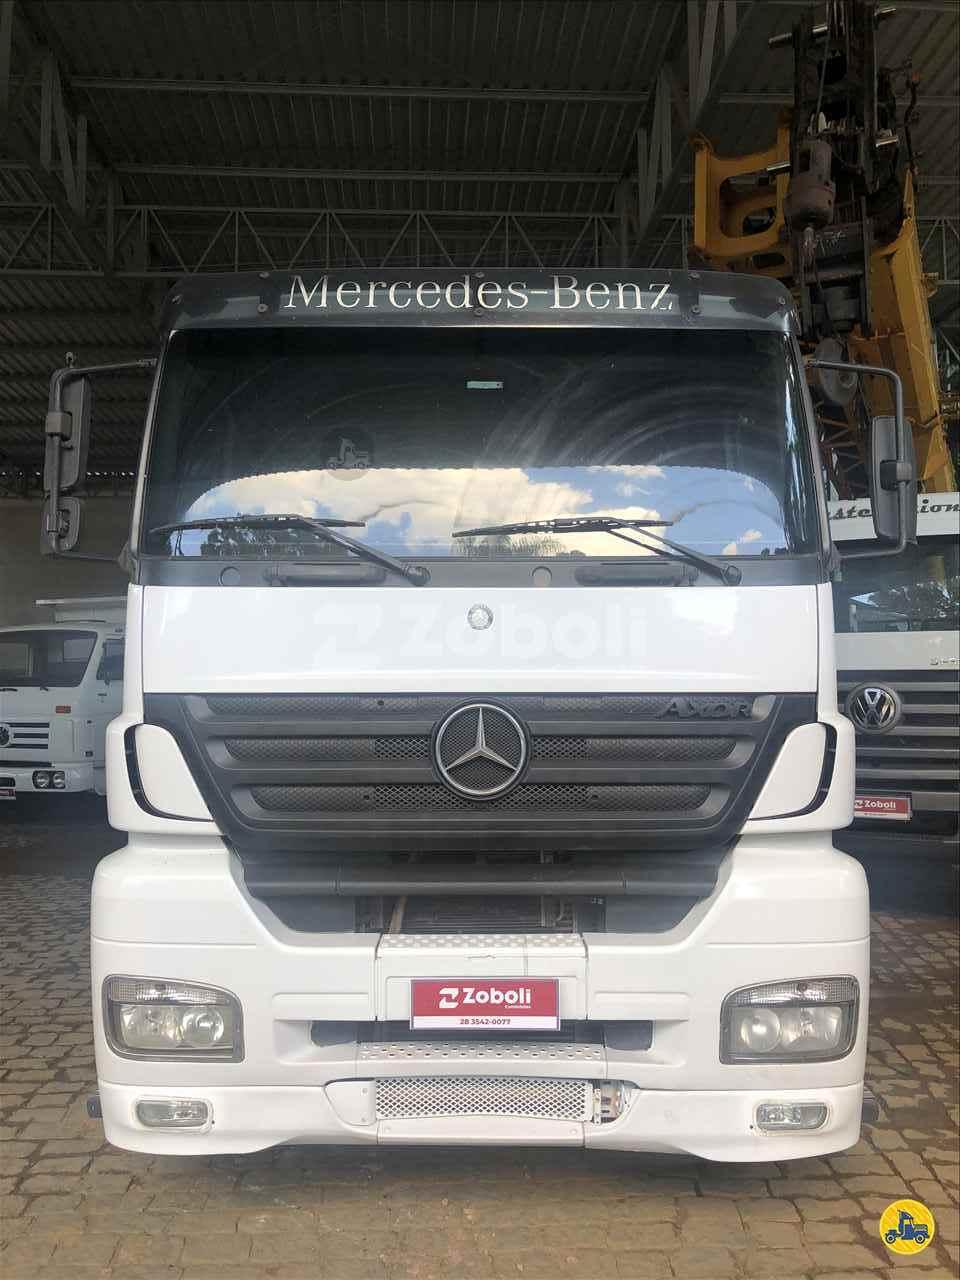 CAMINHAO MERCEDES-BENZ MB 2540 Cavalo Mecânico Traçado 6x4 Zoboli Caminhões CASTELO ESPÍRITO SANTO ES